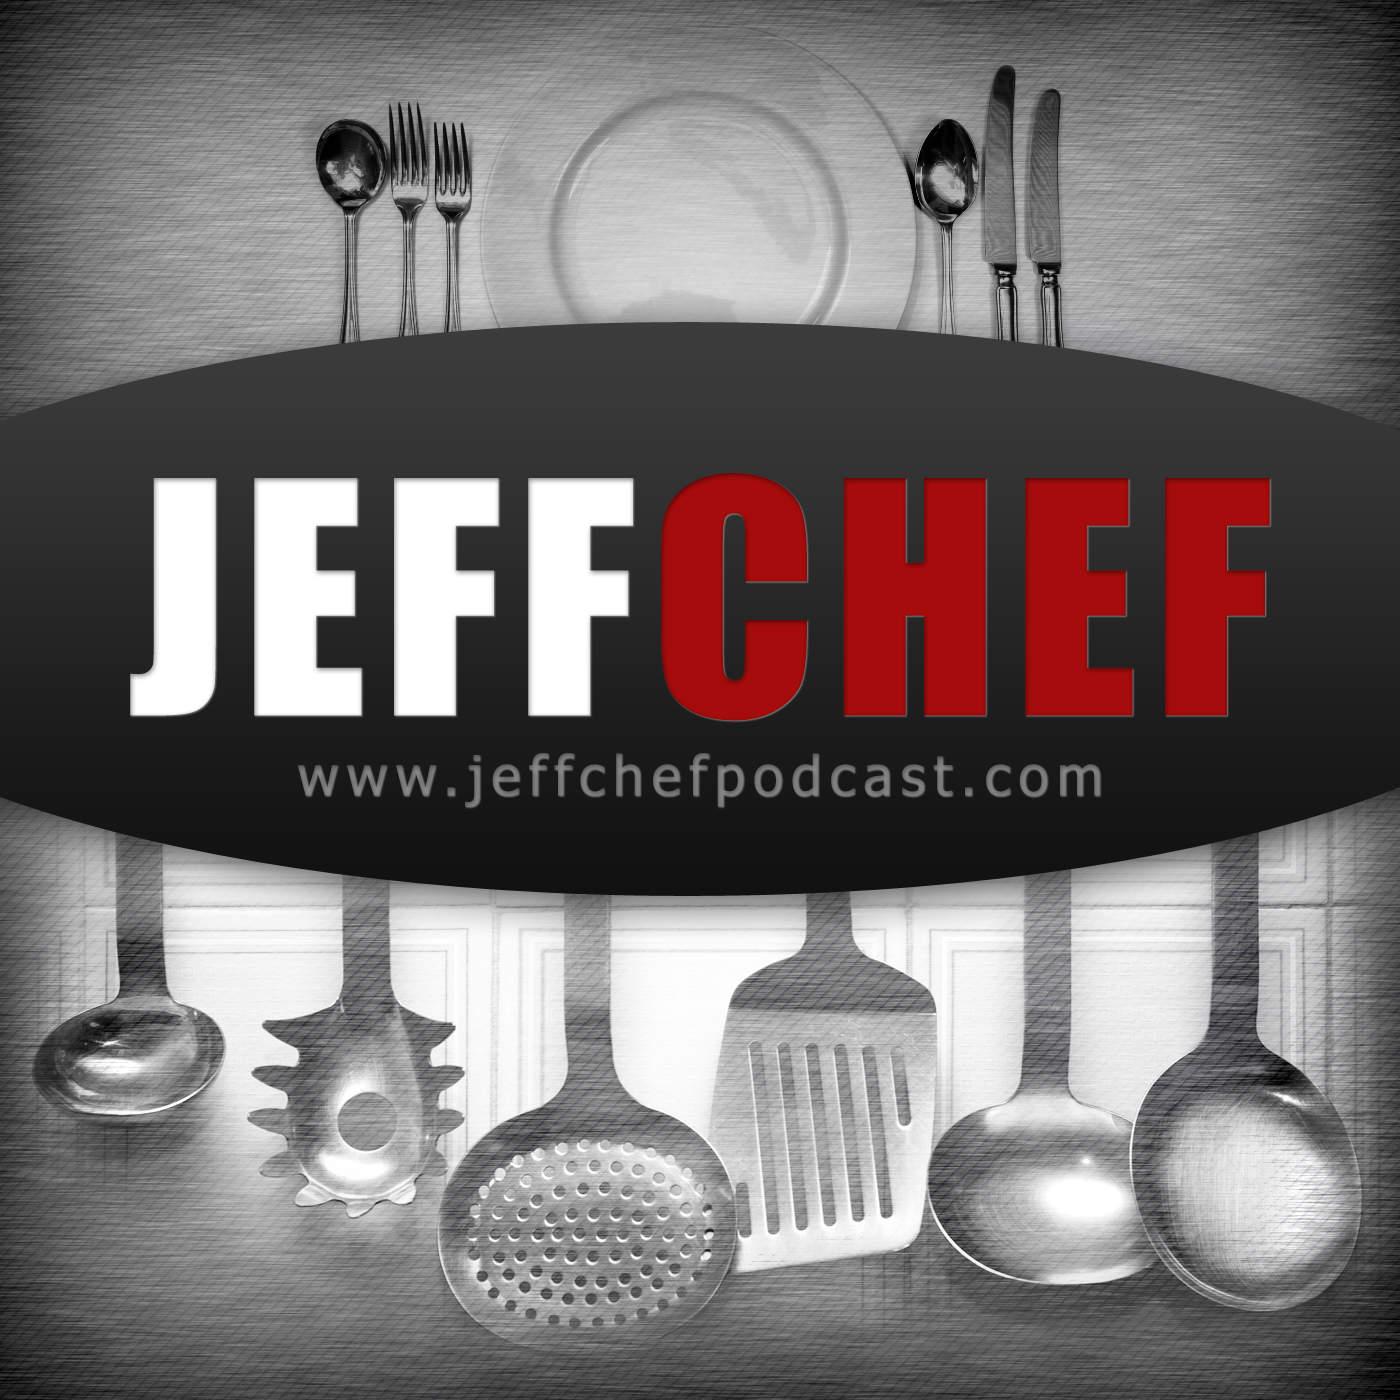 Jeff Chef Podcast